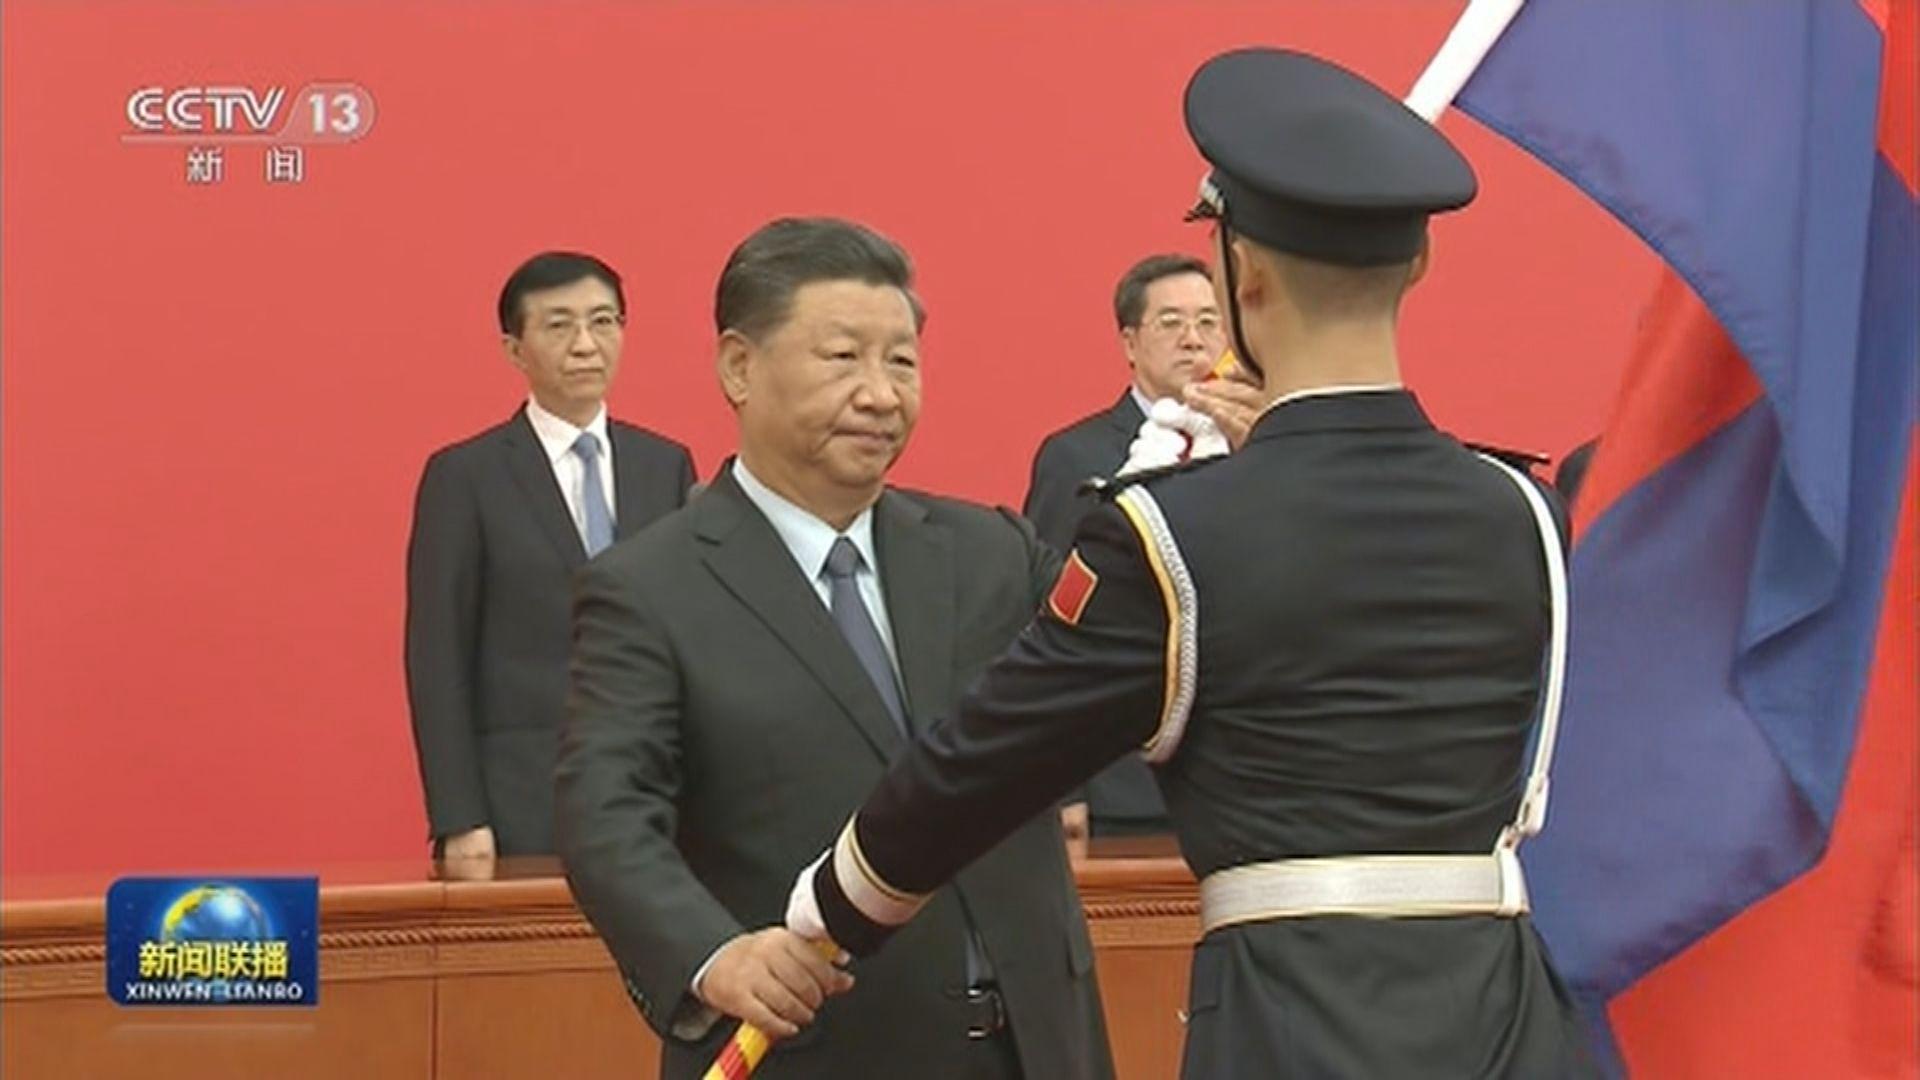 習近平讚揚中國人民警察為維護人民利益作出重大貢獻